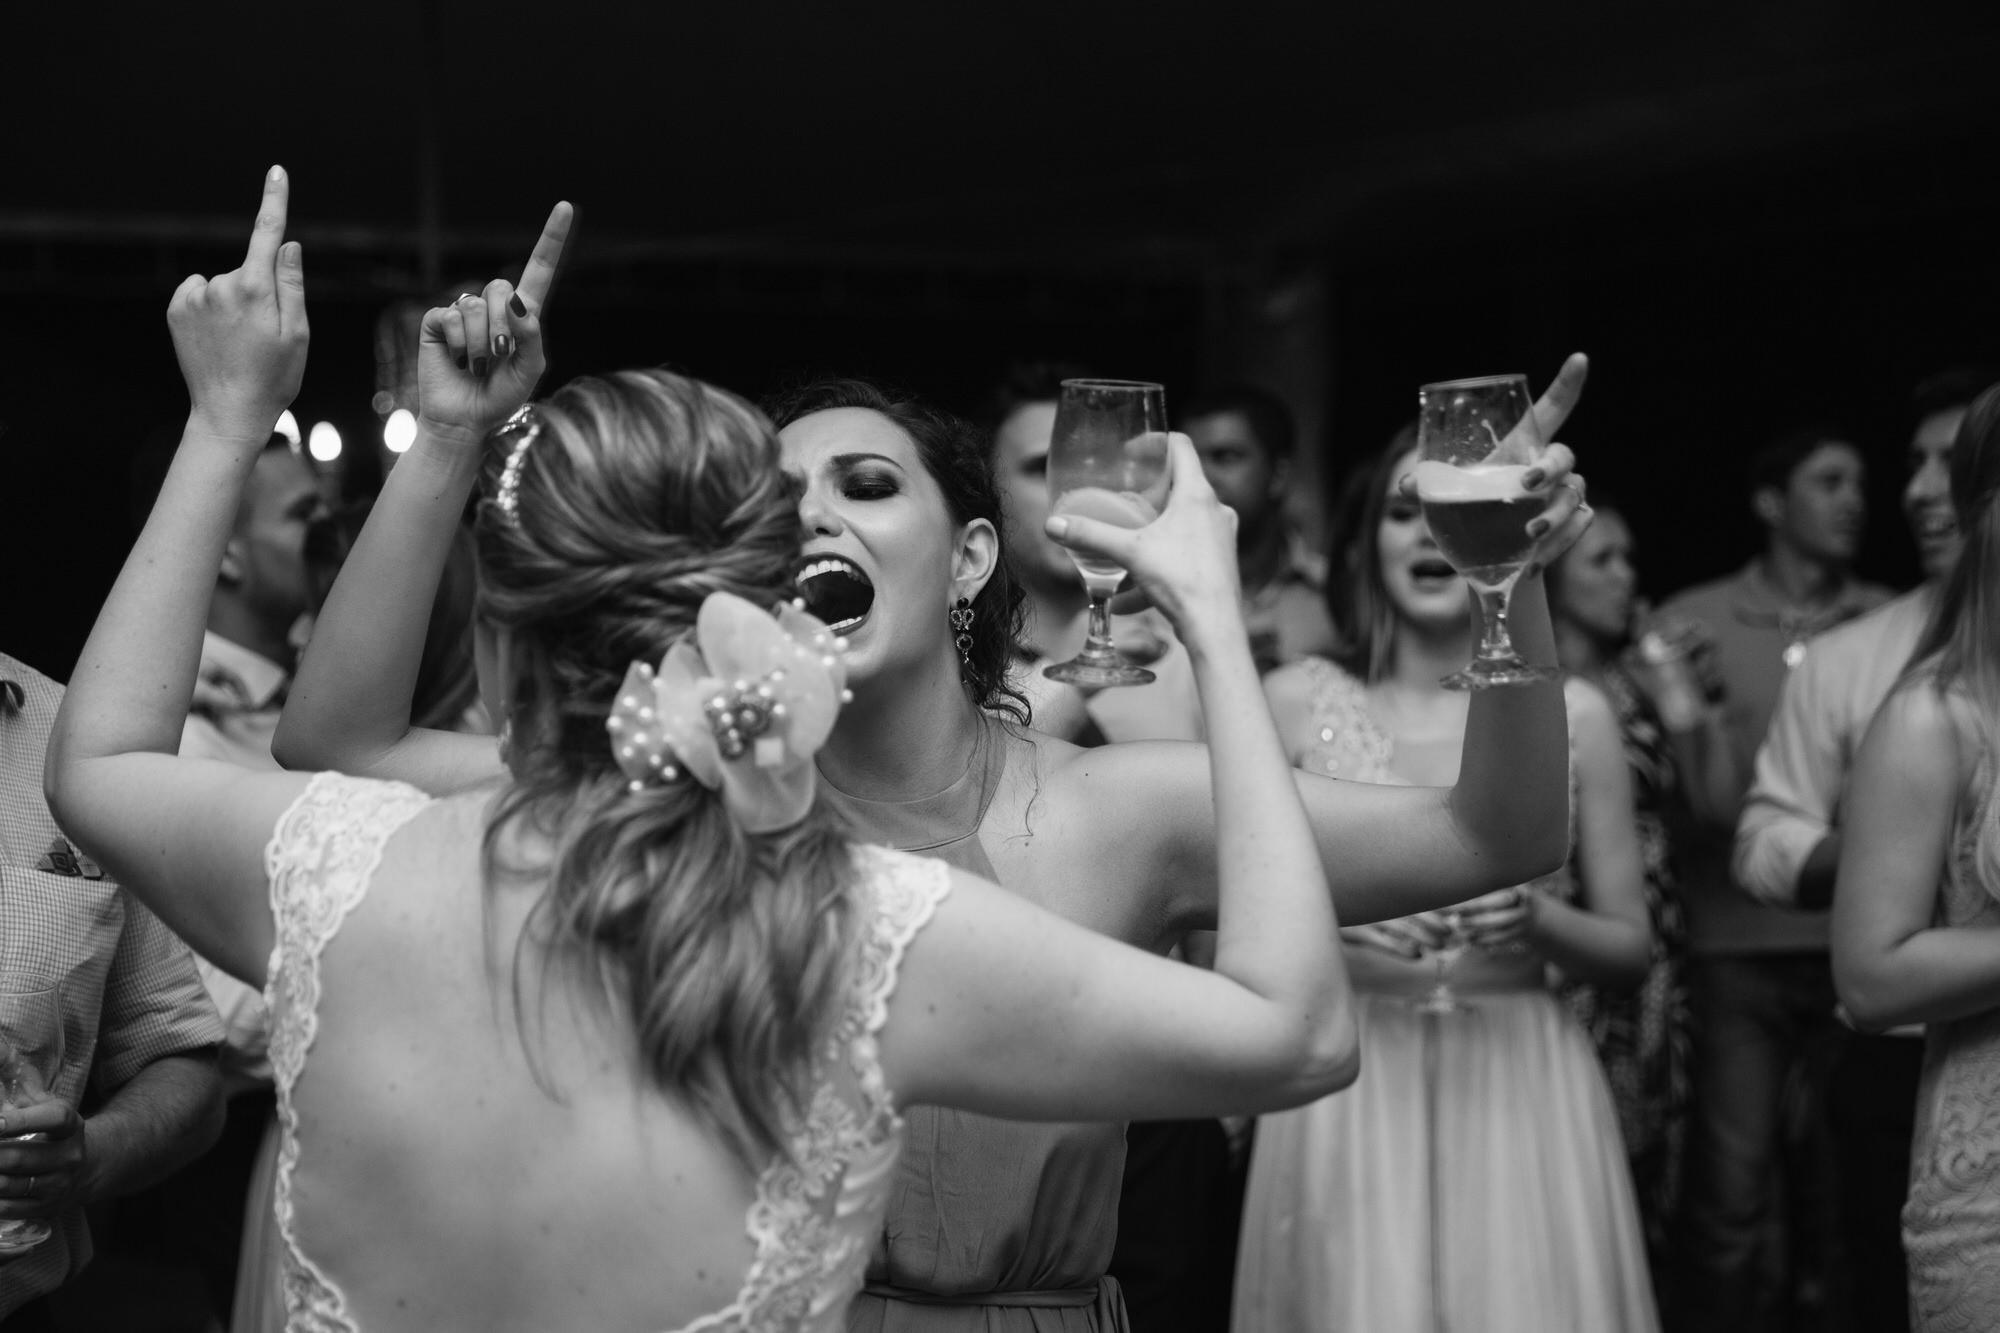 Fabio e Gisele - Casamento em Mundo Novo - MS por Lorran Souza e Léia Sotile - fotografo de casamentos - 00033